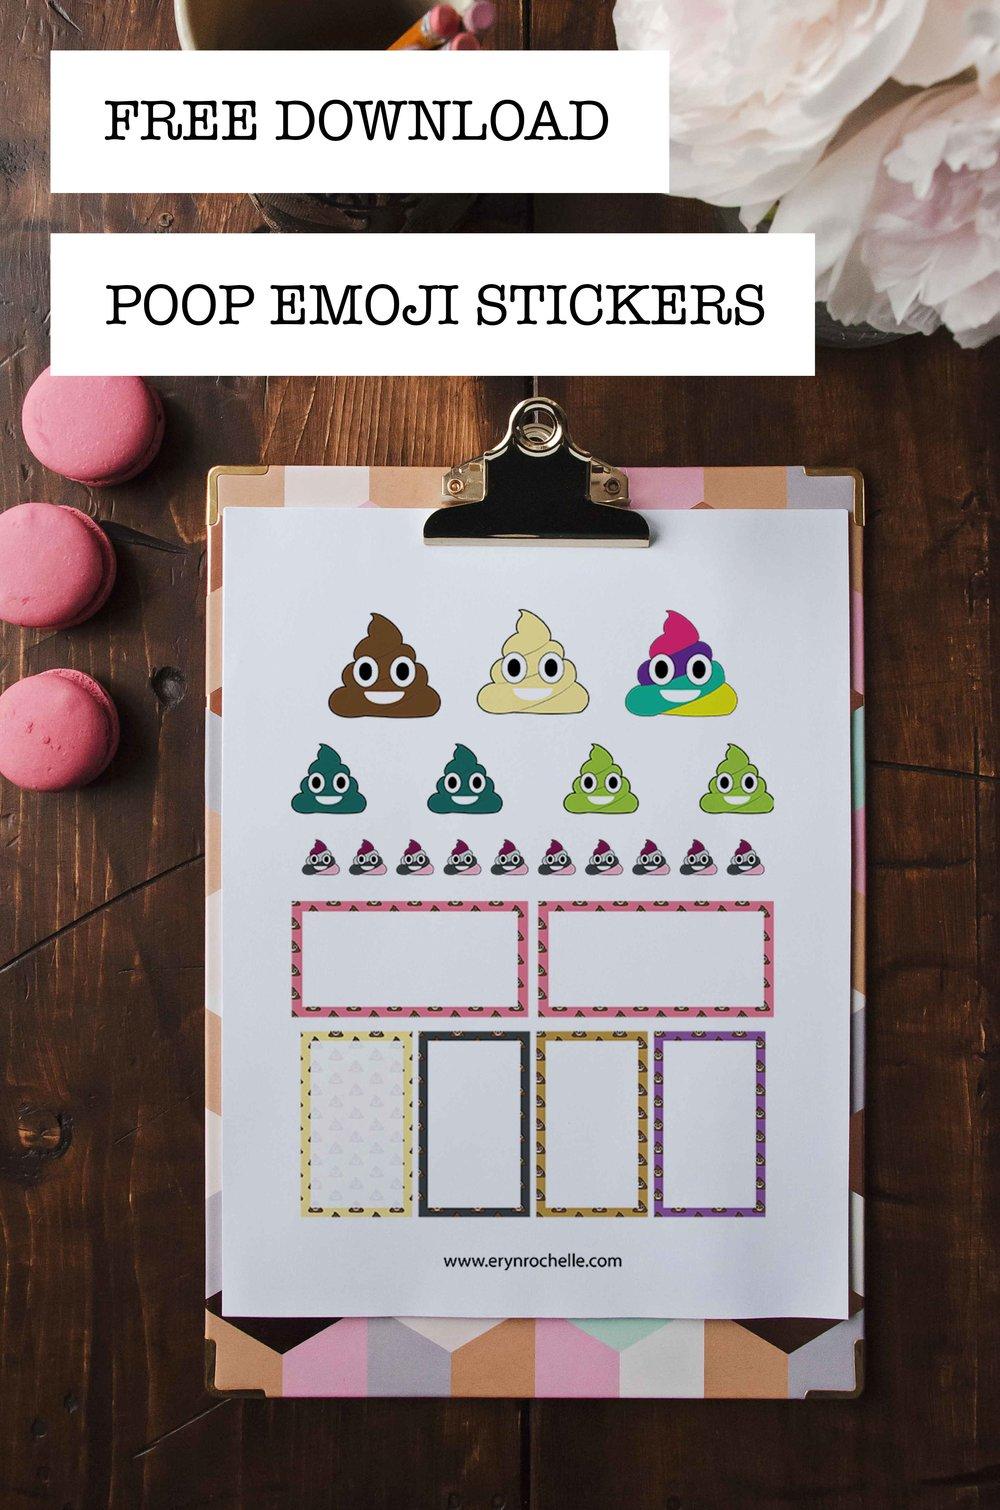 Poop Emoji Sticker Pack